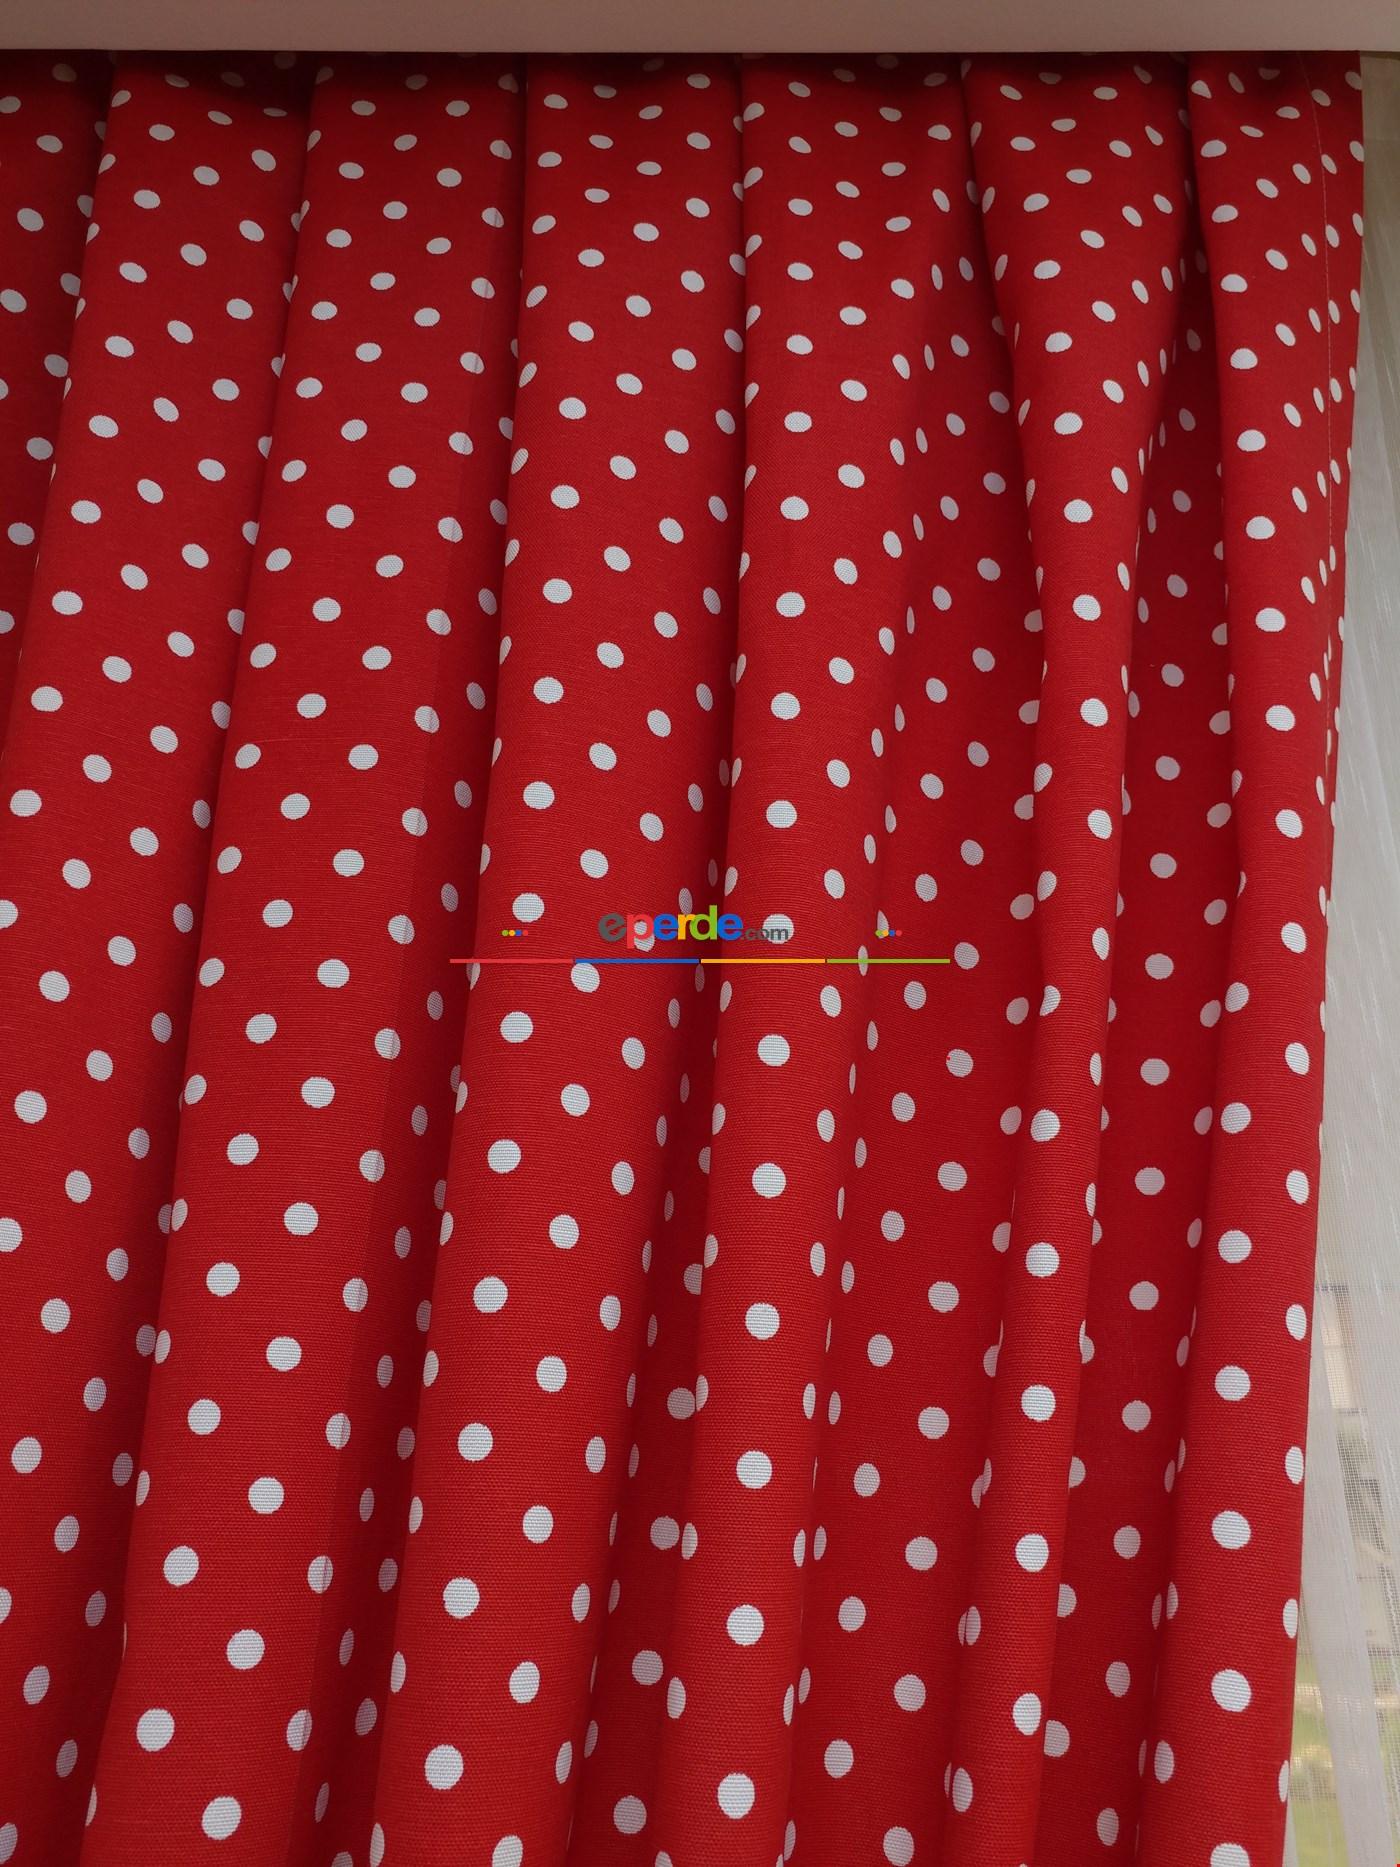 Metre İle Dikişsiz Kırmızı Puanlı Fon Perde Kumaşı( Leke Tutmaz)